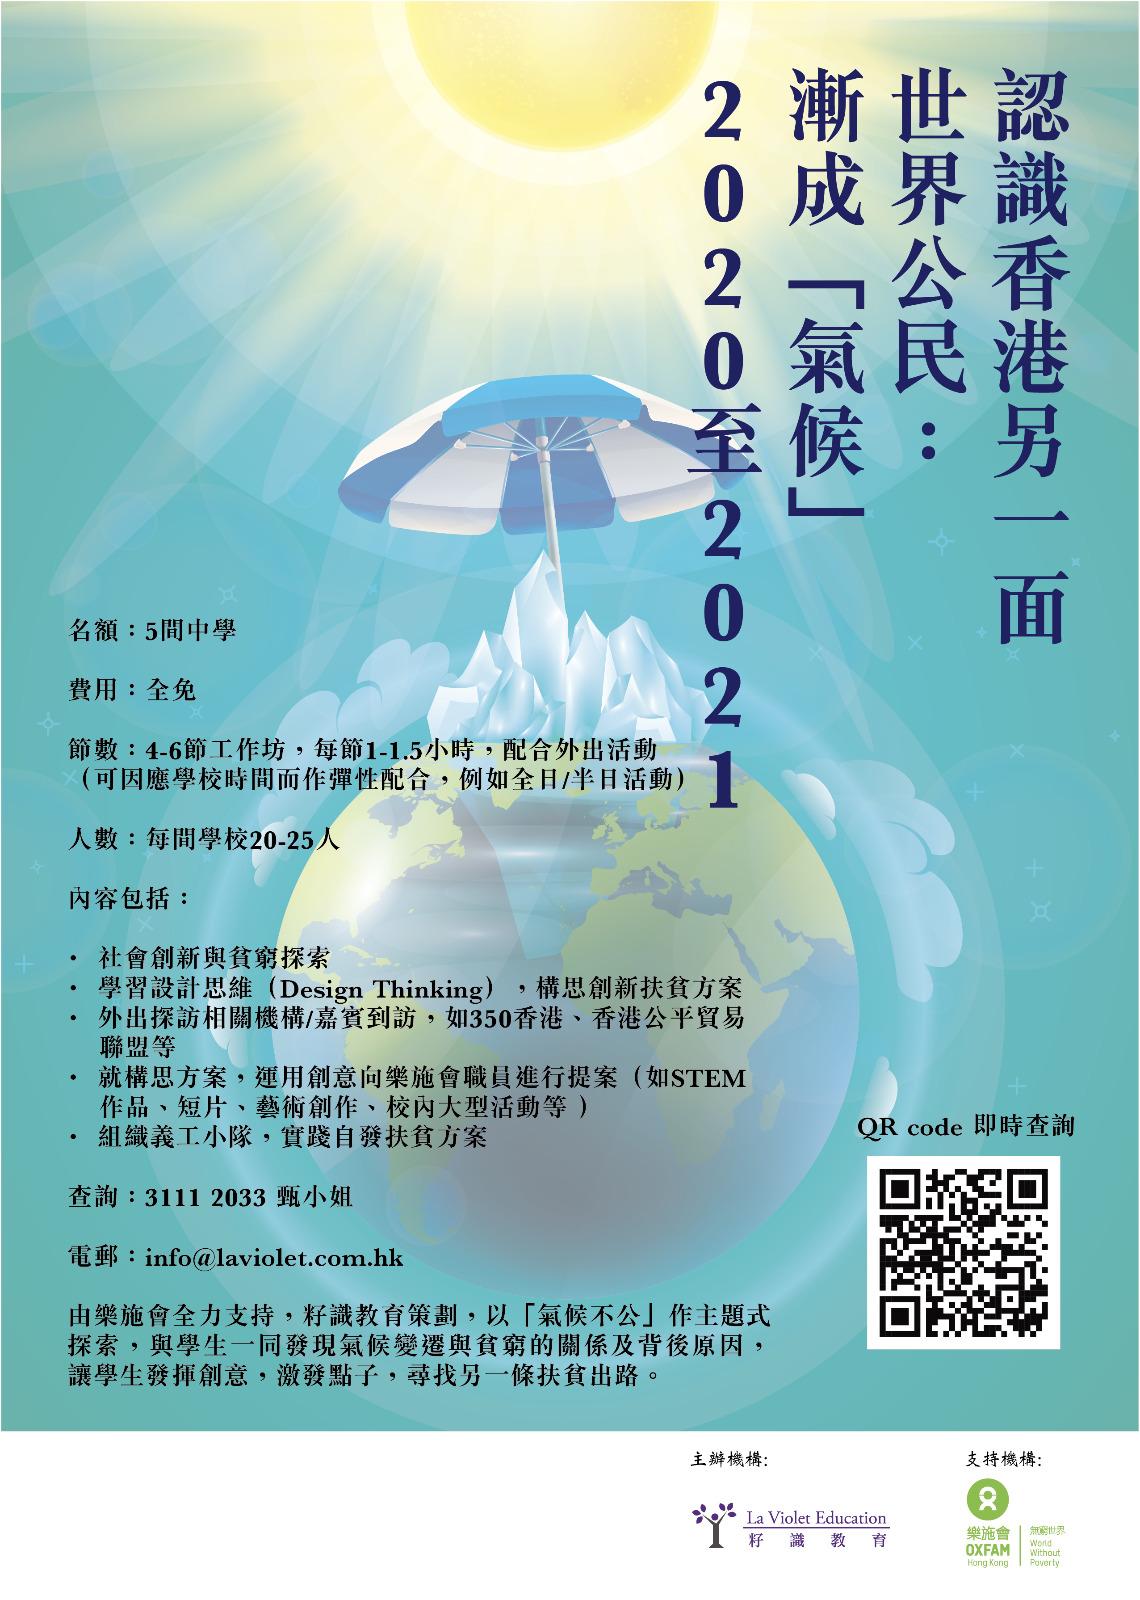 認識香港另一面  世界公民: 漸成「氣候」2020至2021